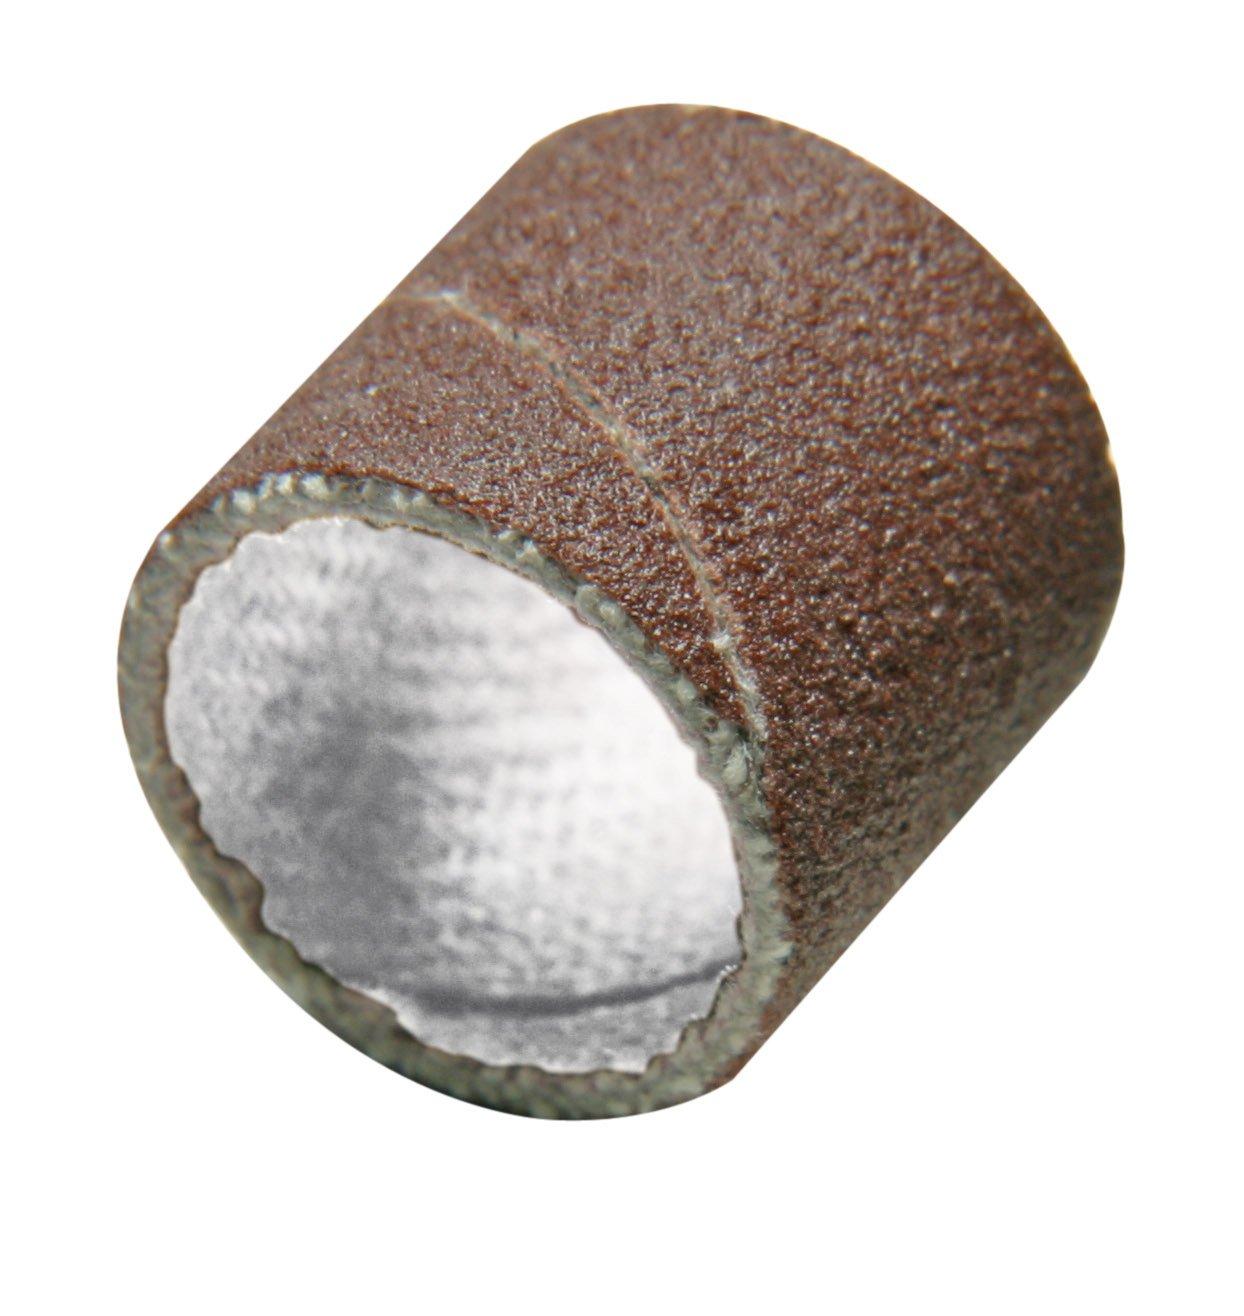 """Dremel 446 1/4"""" 240 grit sanding bands, 6 Pack"""